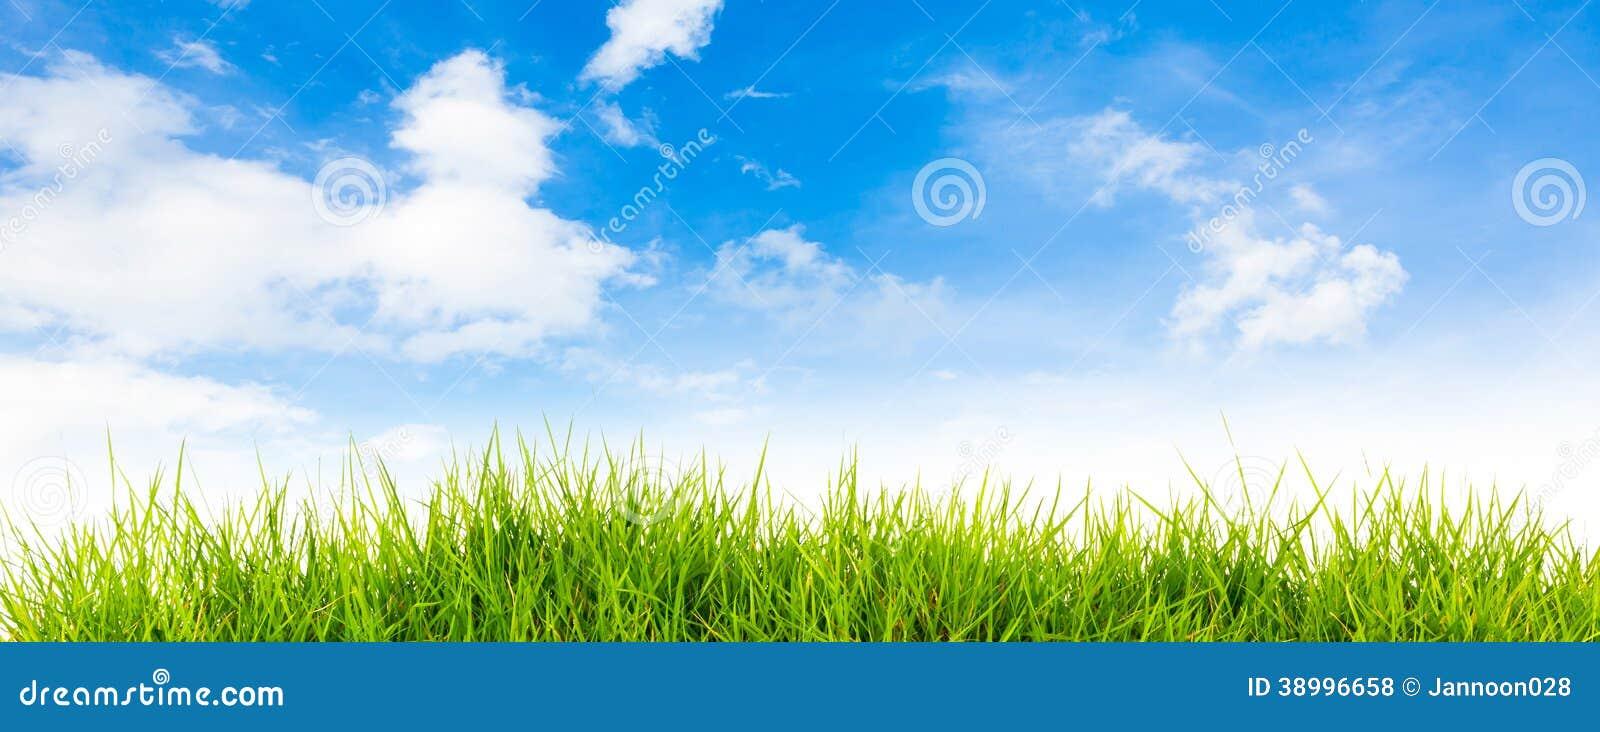 春天与草和蓝天的自然背景